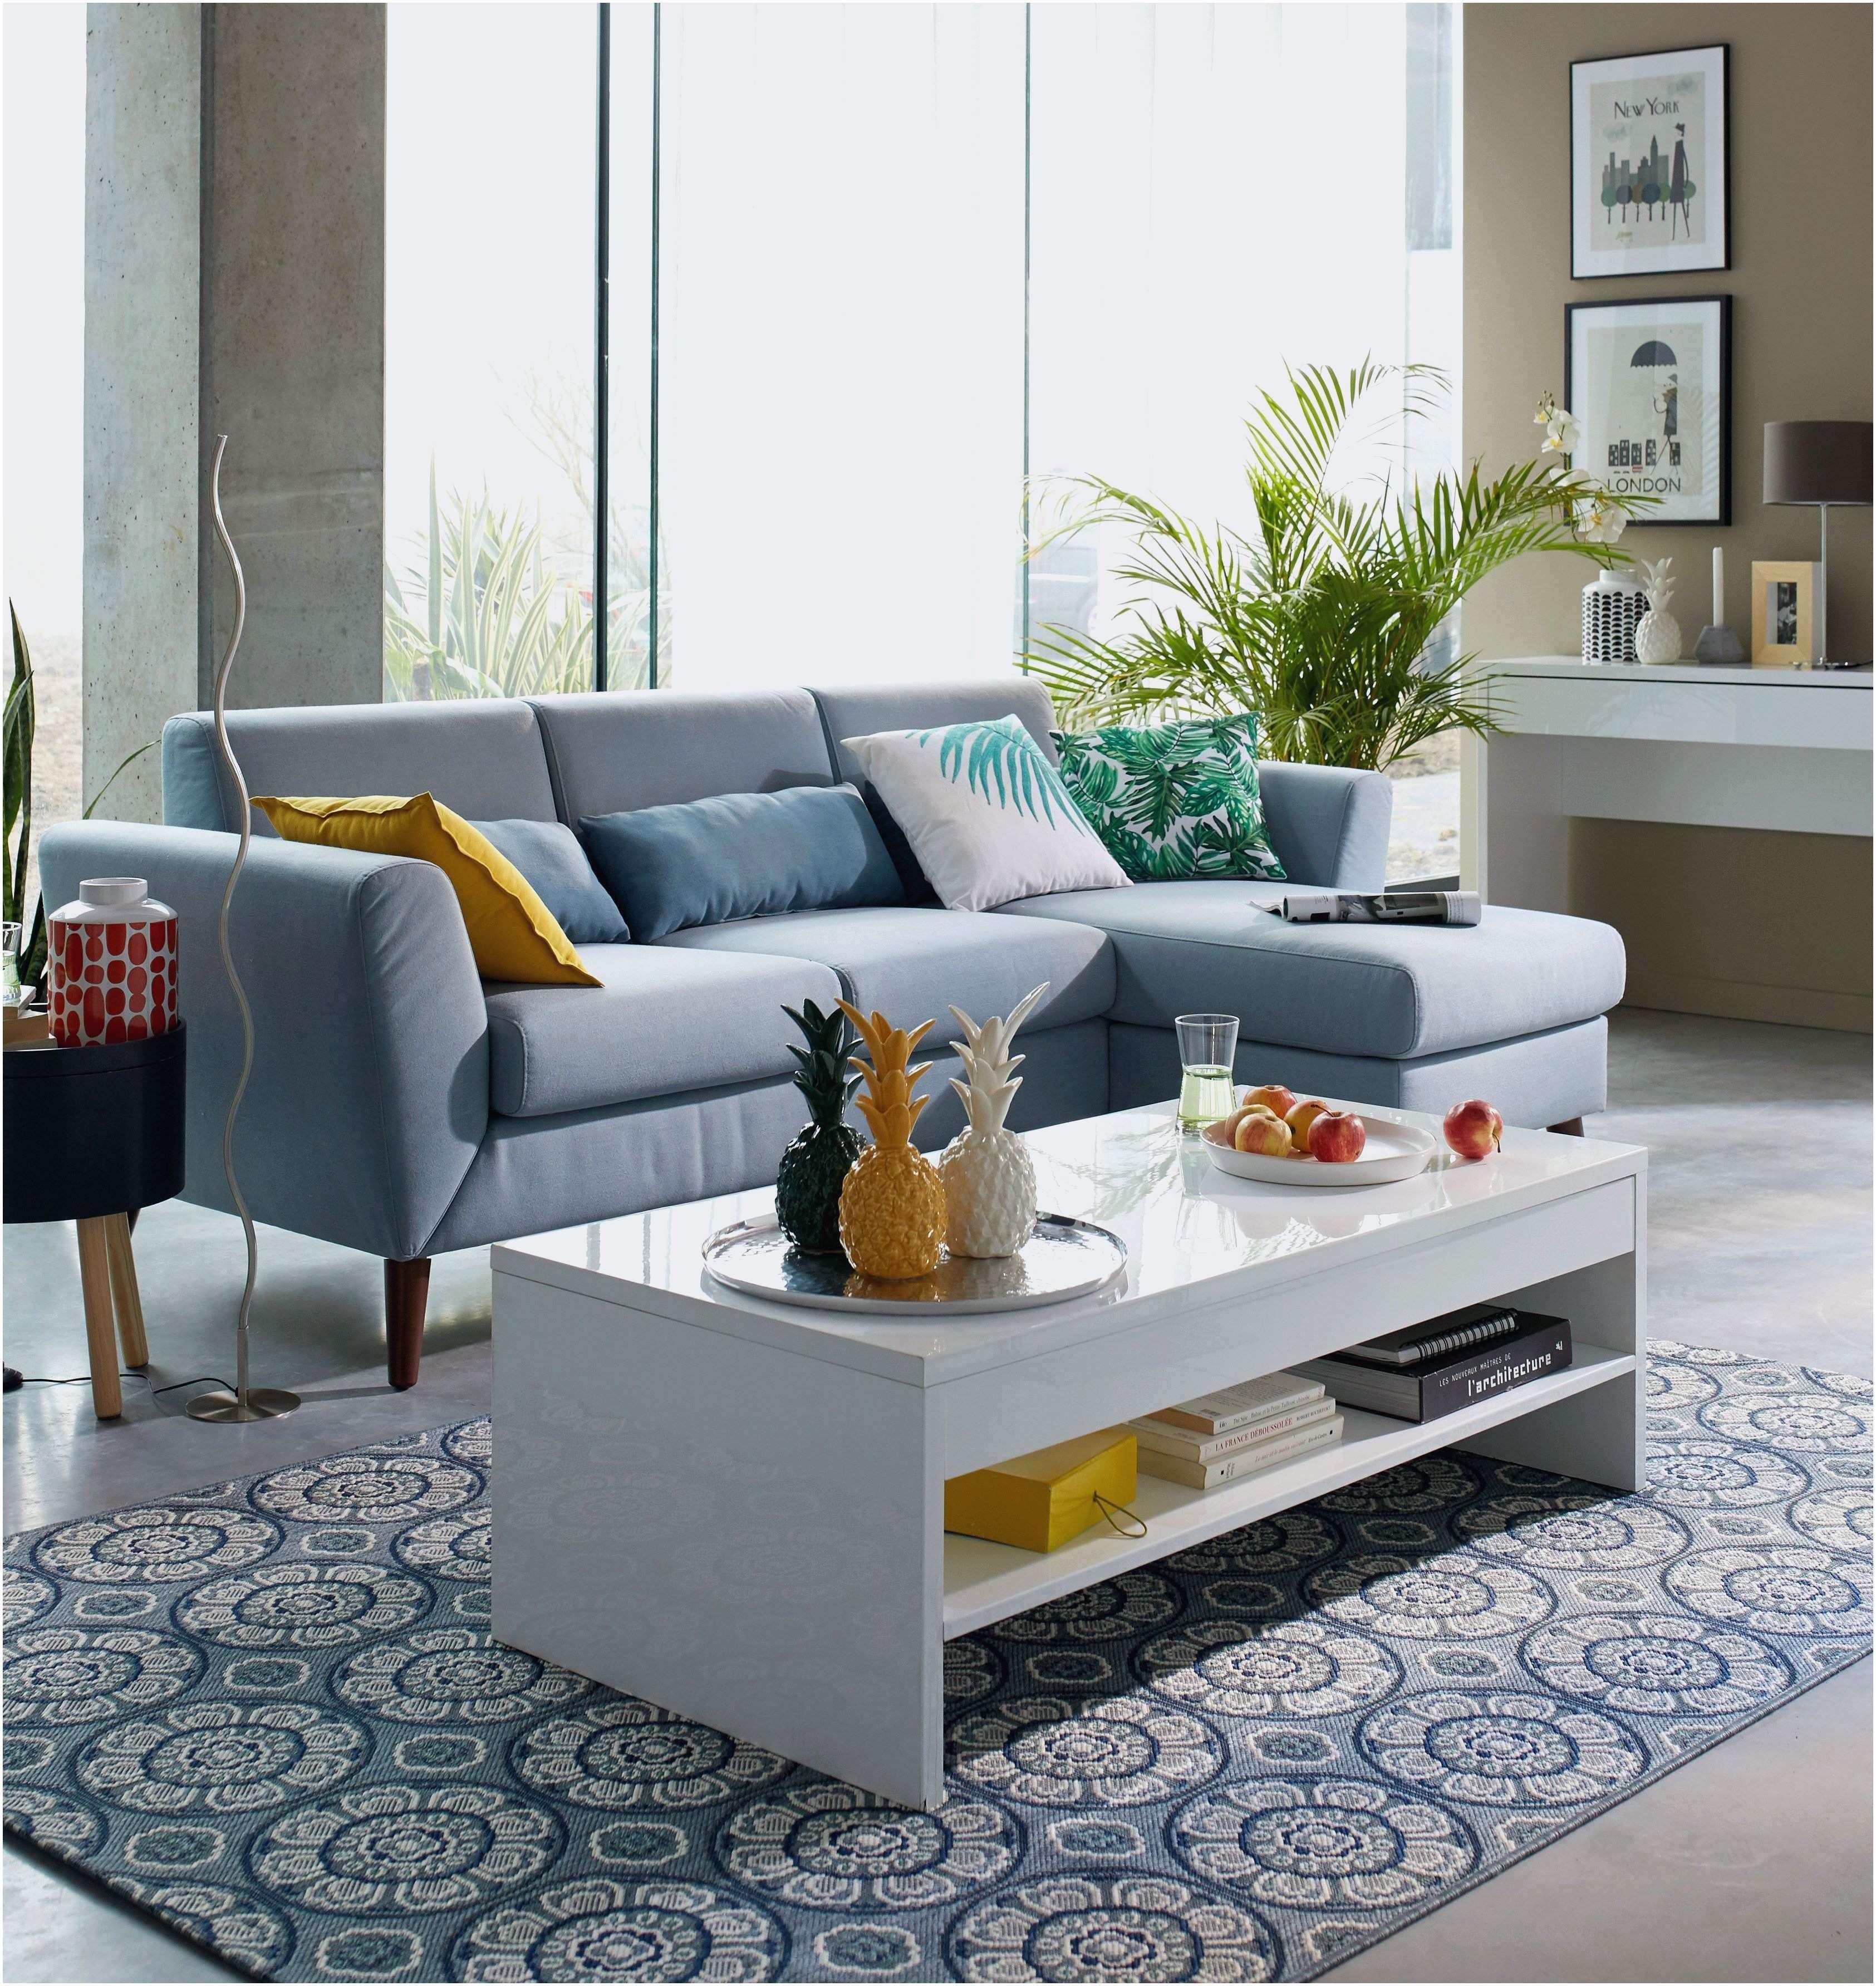 Ikea Fauteuil Lit Magnifique Elégant Fauteuil Design Ikea Délicieuse S Fauteuil Lit 2 Places Pour